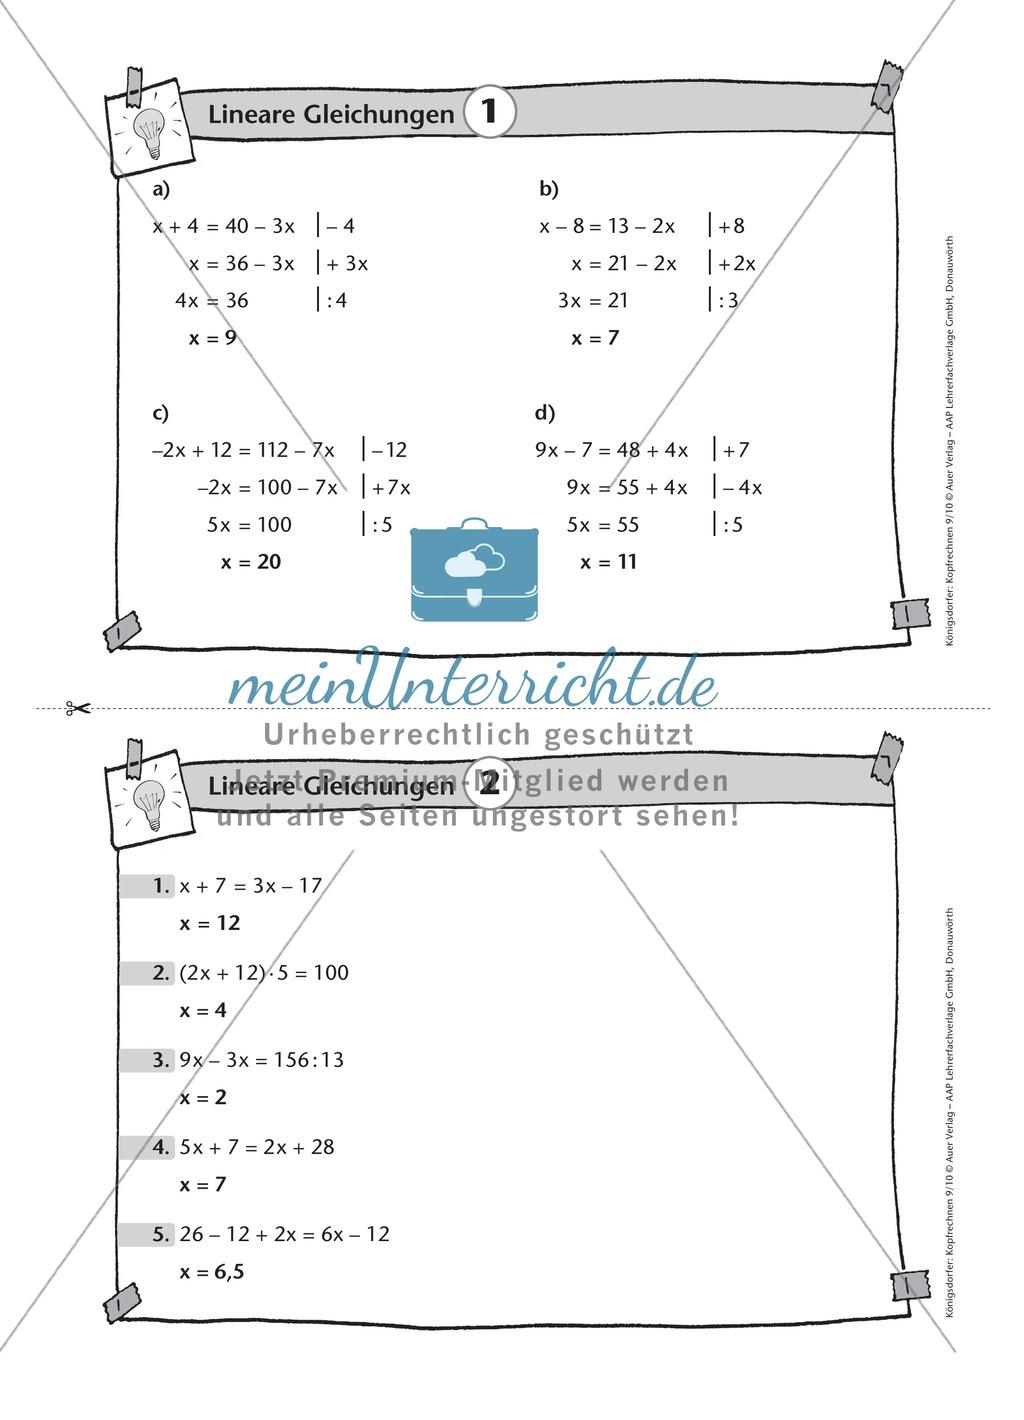 Karteikarten mit Aufgaben aus dem Themenfeld lineare Gleichungen ...